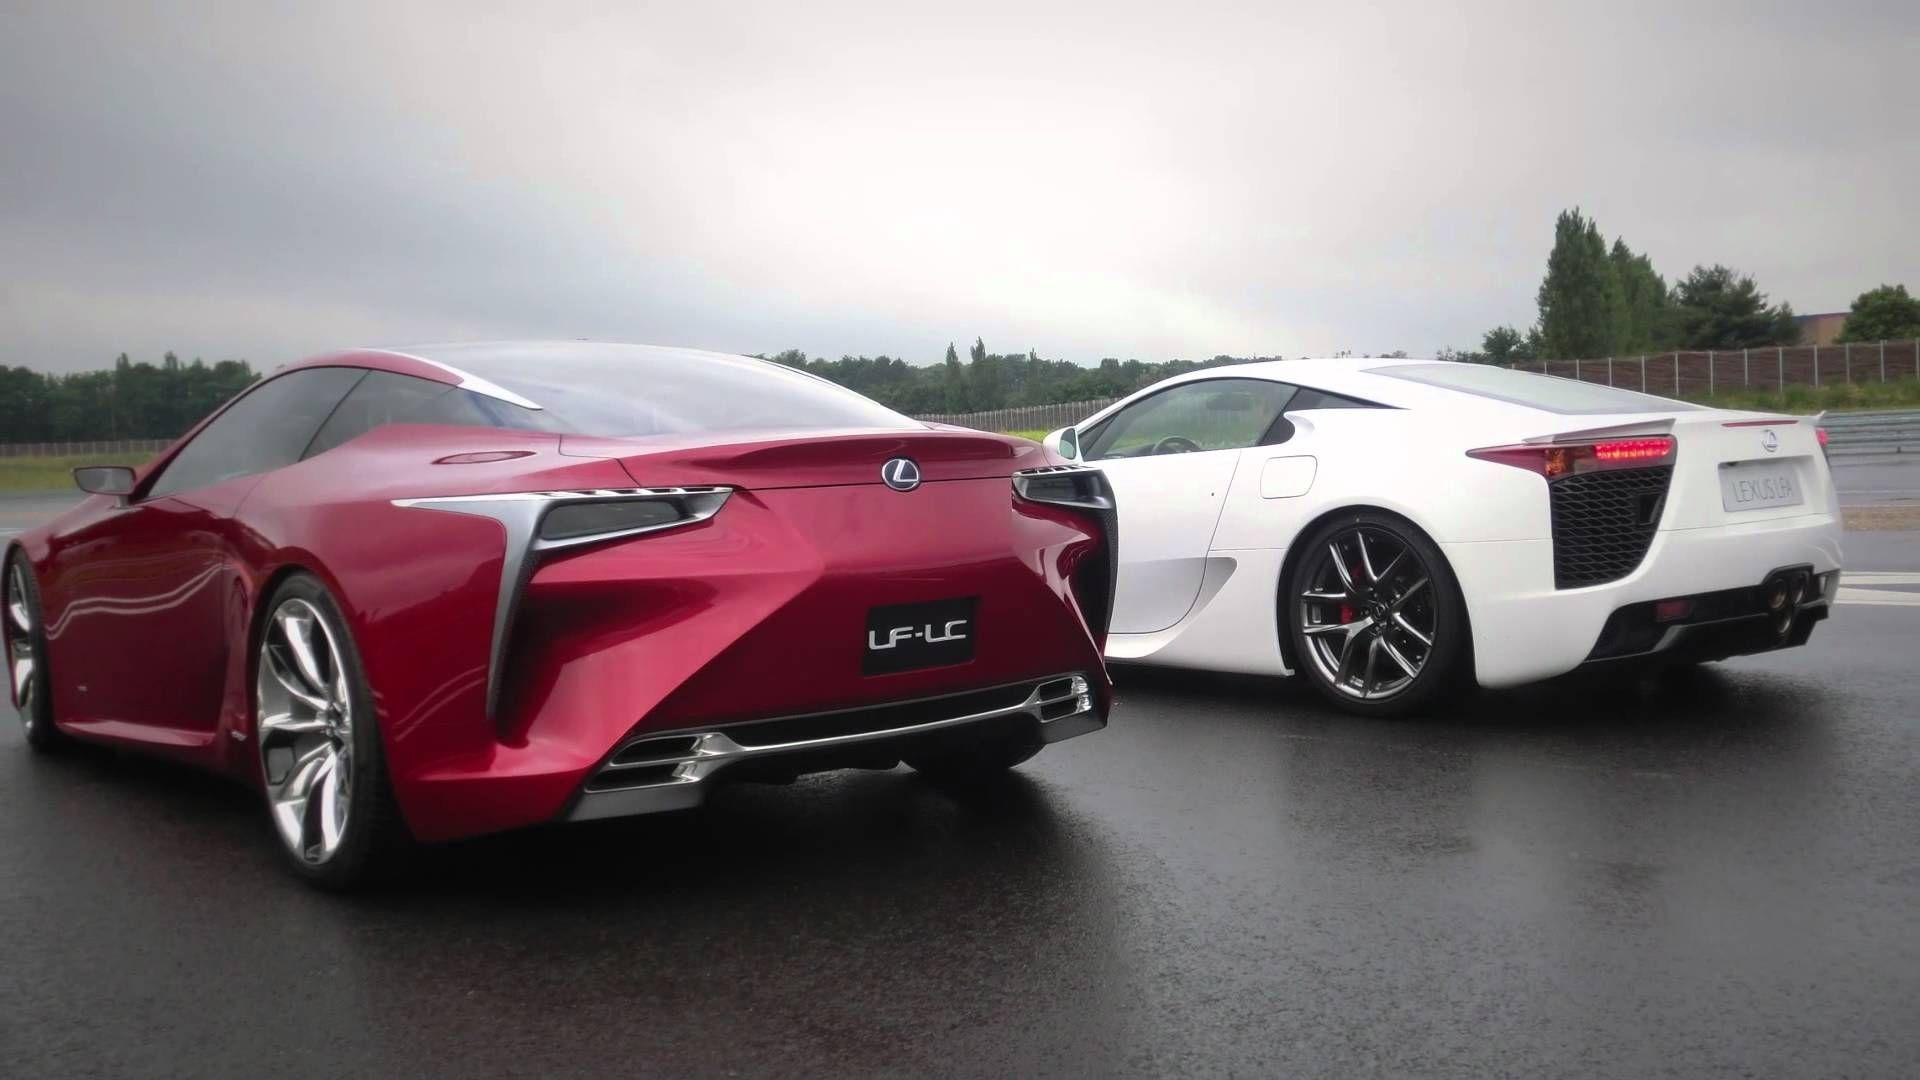 Lexus LFA & LFLC a supercar meeting an avantgarde